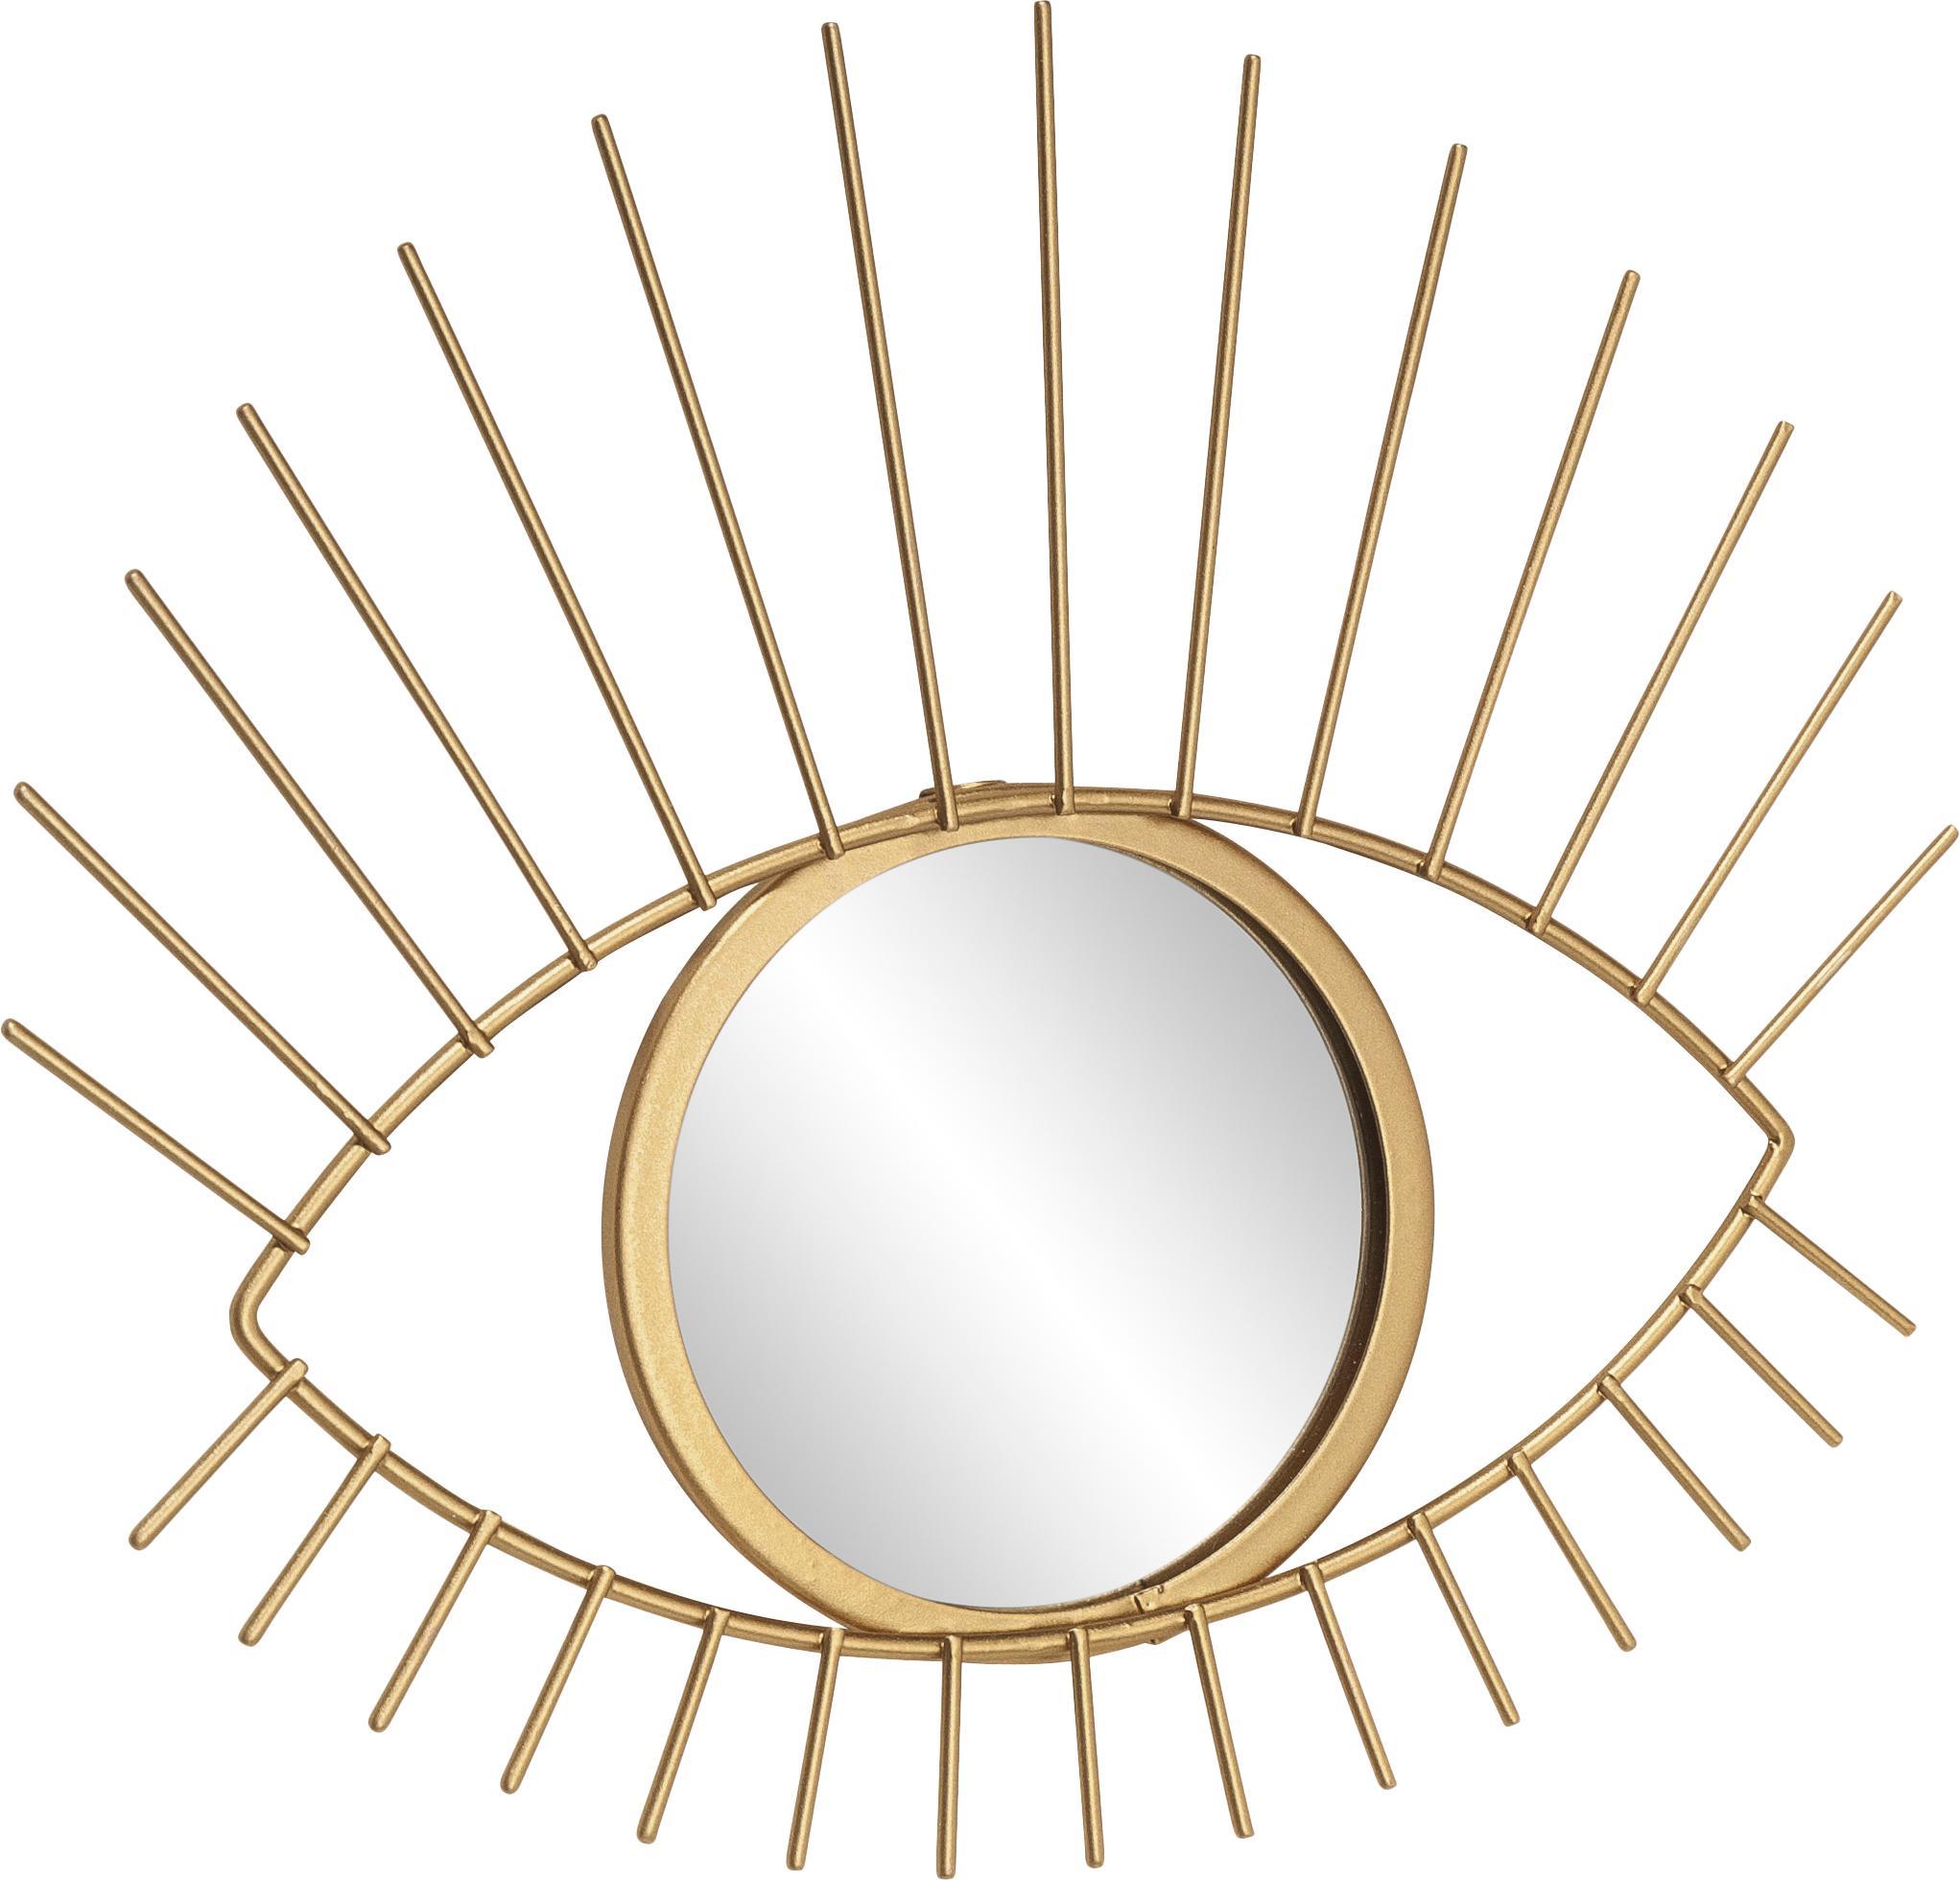 Specchio decorativo Auge, Cornice: metallo, rivestito, Superficie dello specchio: lastra di vetro, Cornice: dorato Superficie dello specchio: lastra di vetro, L 27 x A 31 cm